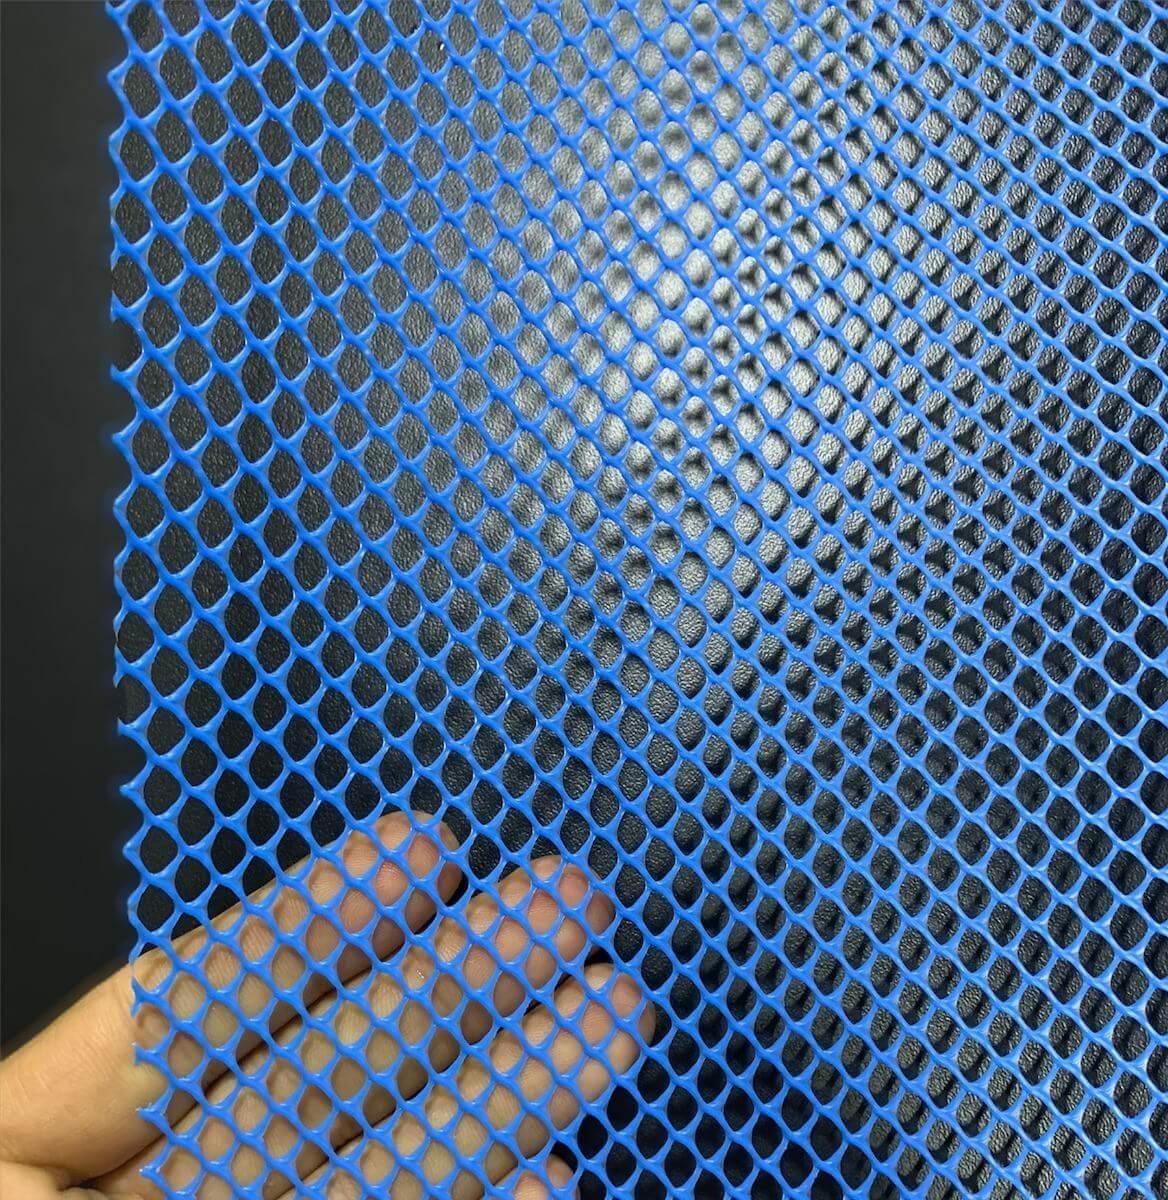 Tela Piscicultura Azul Peixe Alevino 4 Mm Pead 1 X 30 Metros